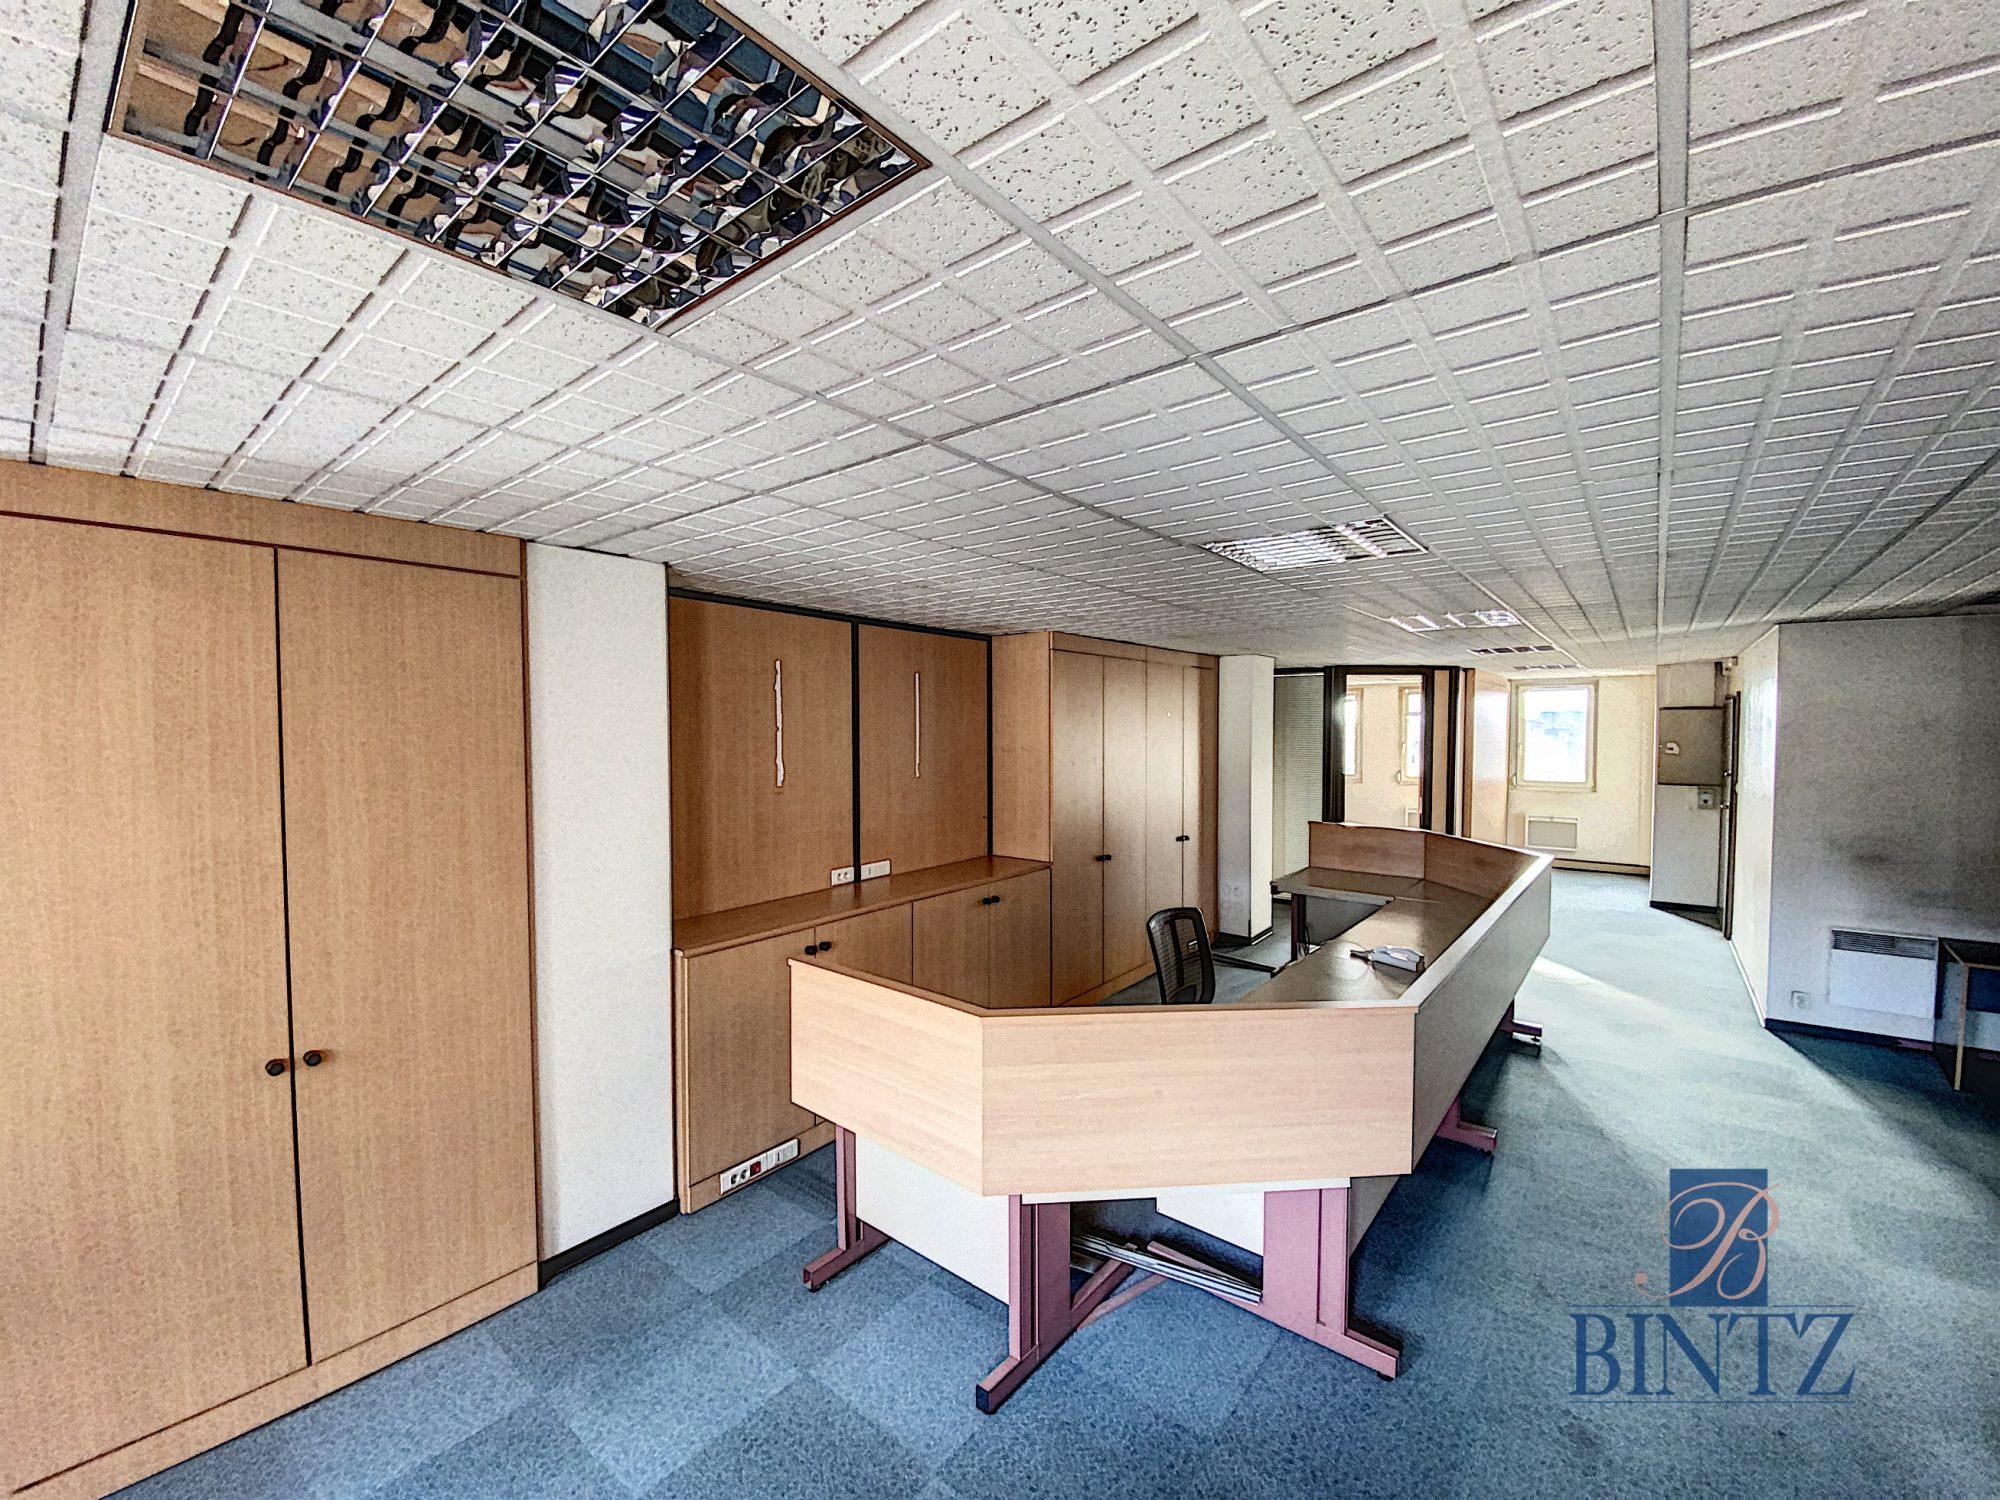 Bureaux à louer – 250m2 Quartier Fisher à Schiltigheim - Devenez locataire en toute sérénité - Bintz Immobilier - 1